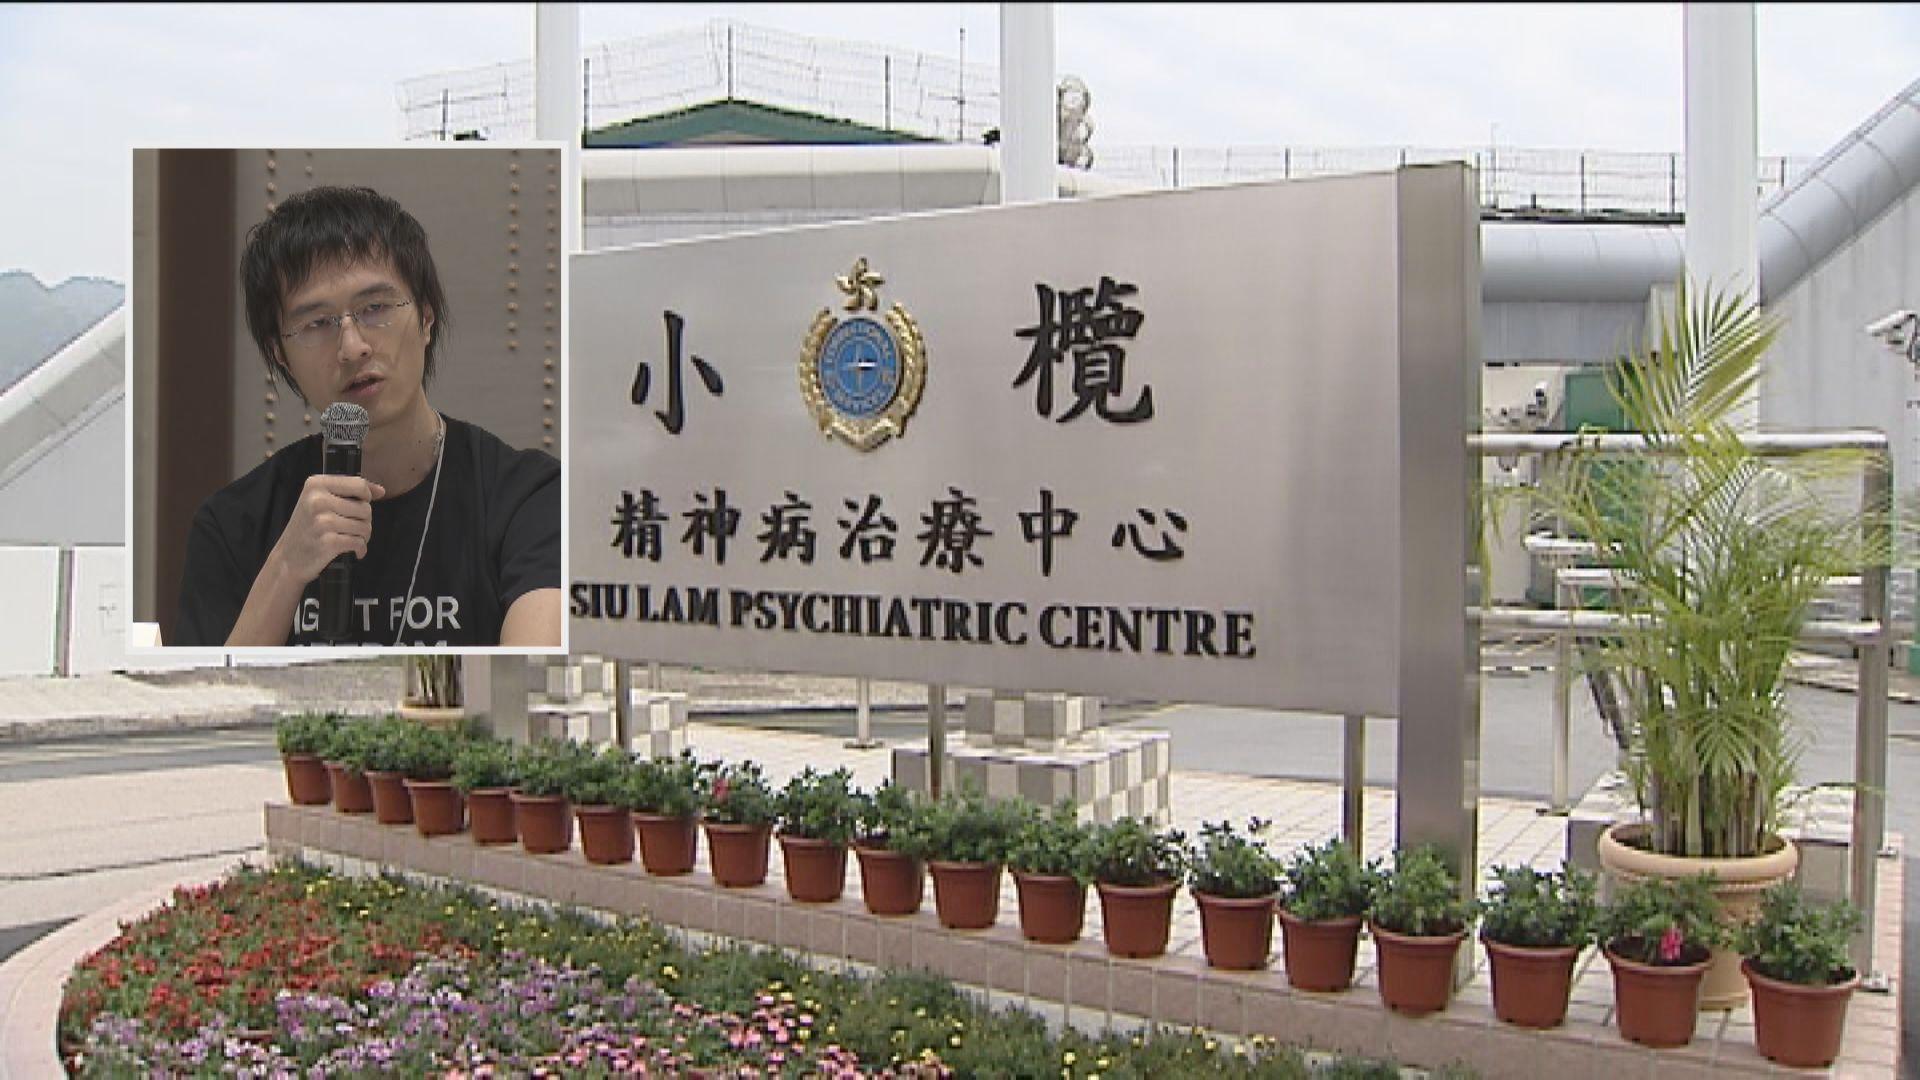 【去向未明】報道指李宇軒還柙小欖精神病治療中心 家屬指無收到消息